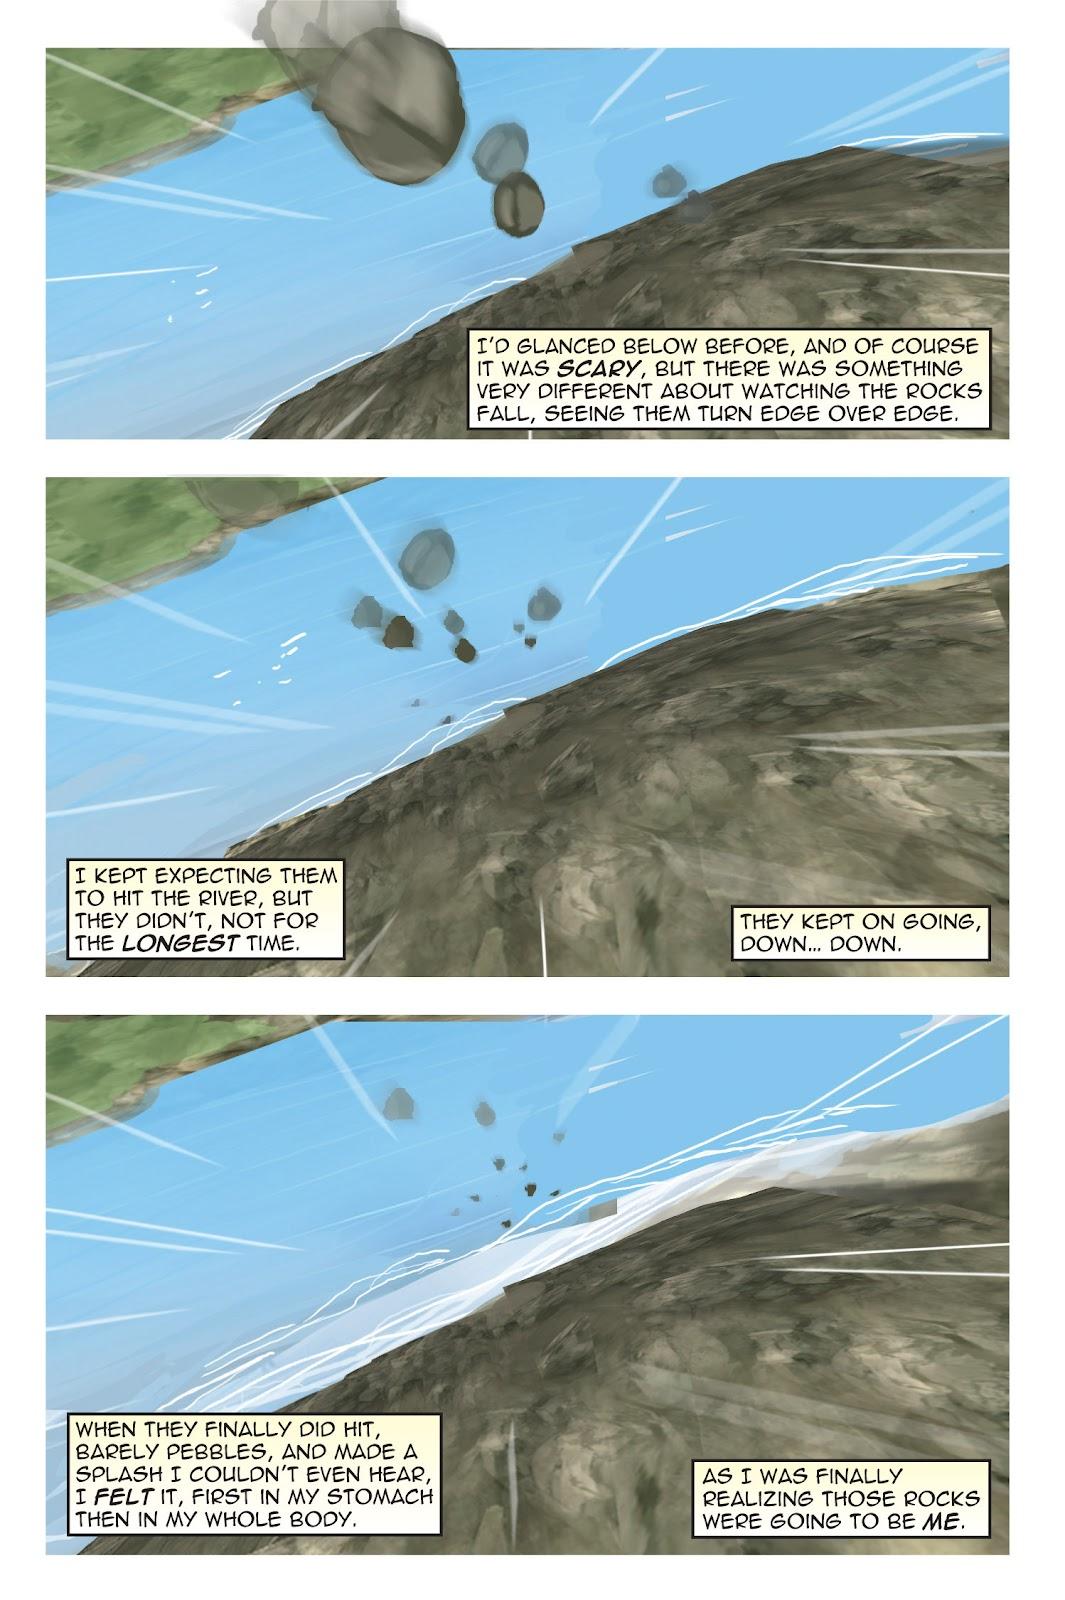 Read online Nancy Drew comic -  Issue #19 - 30